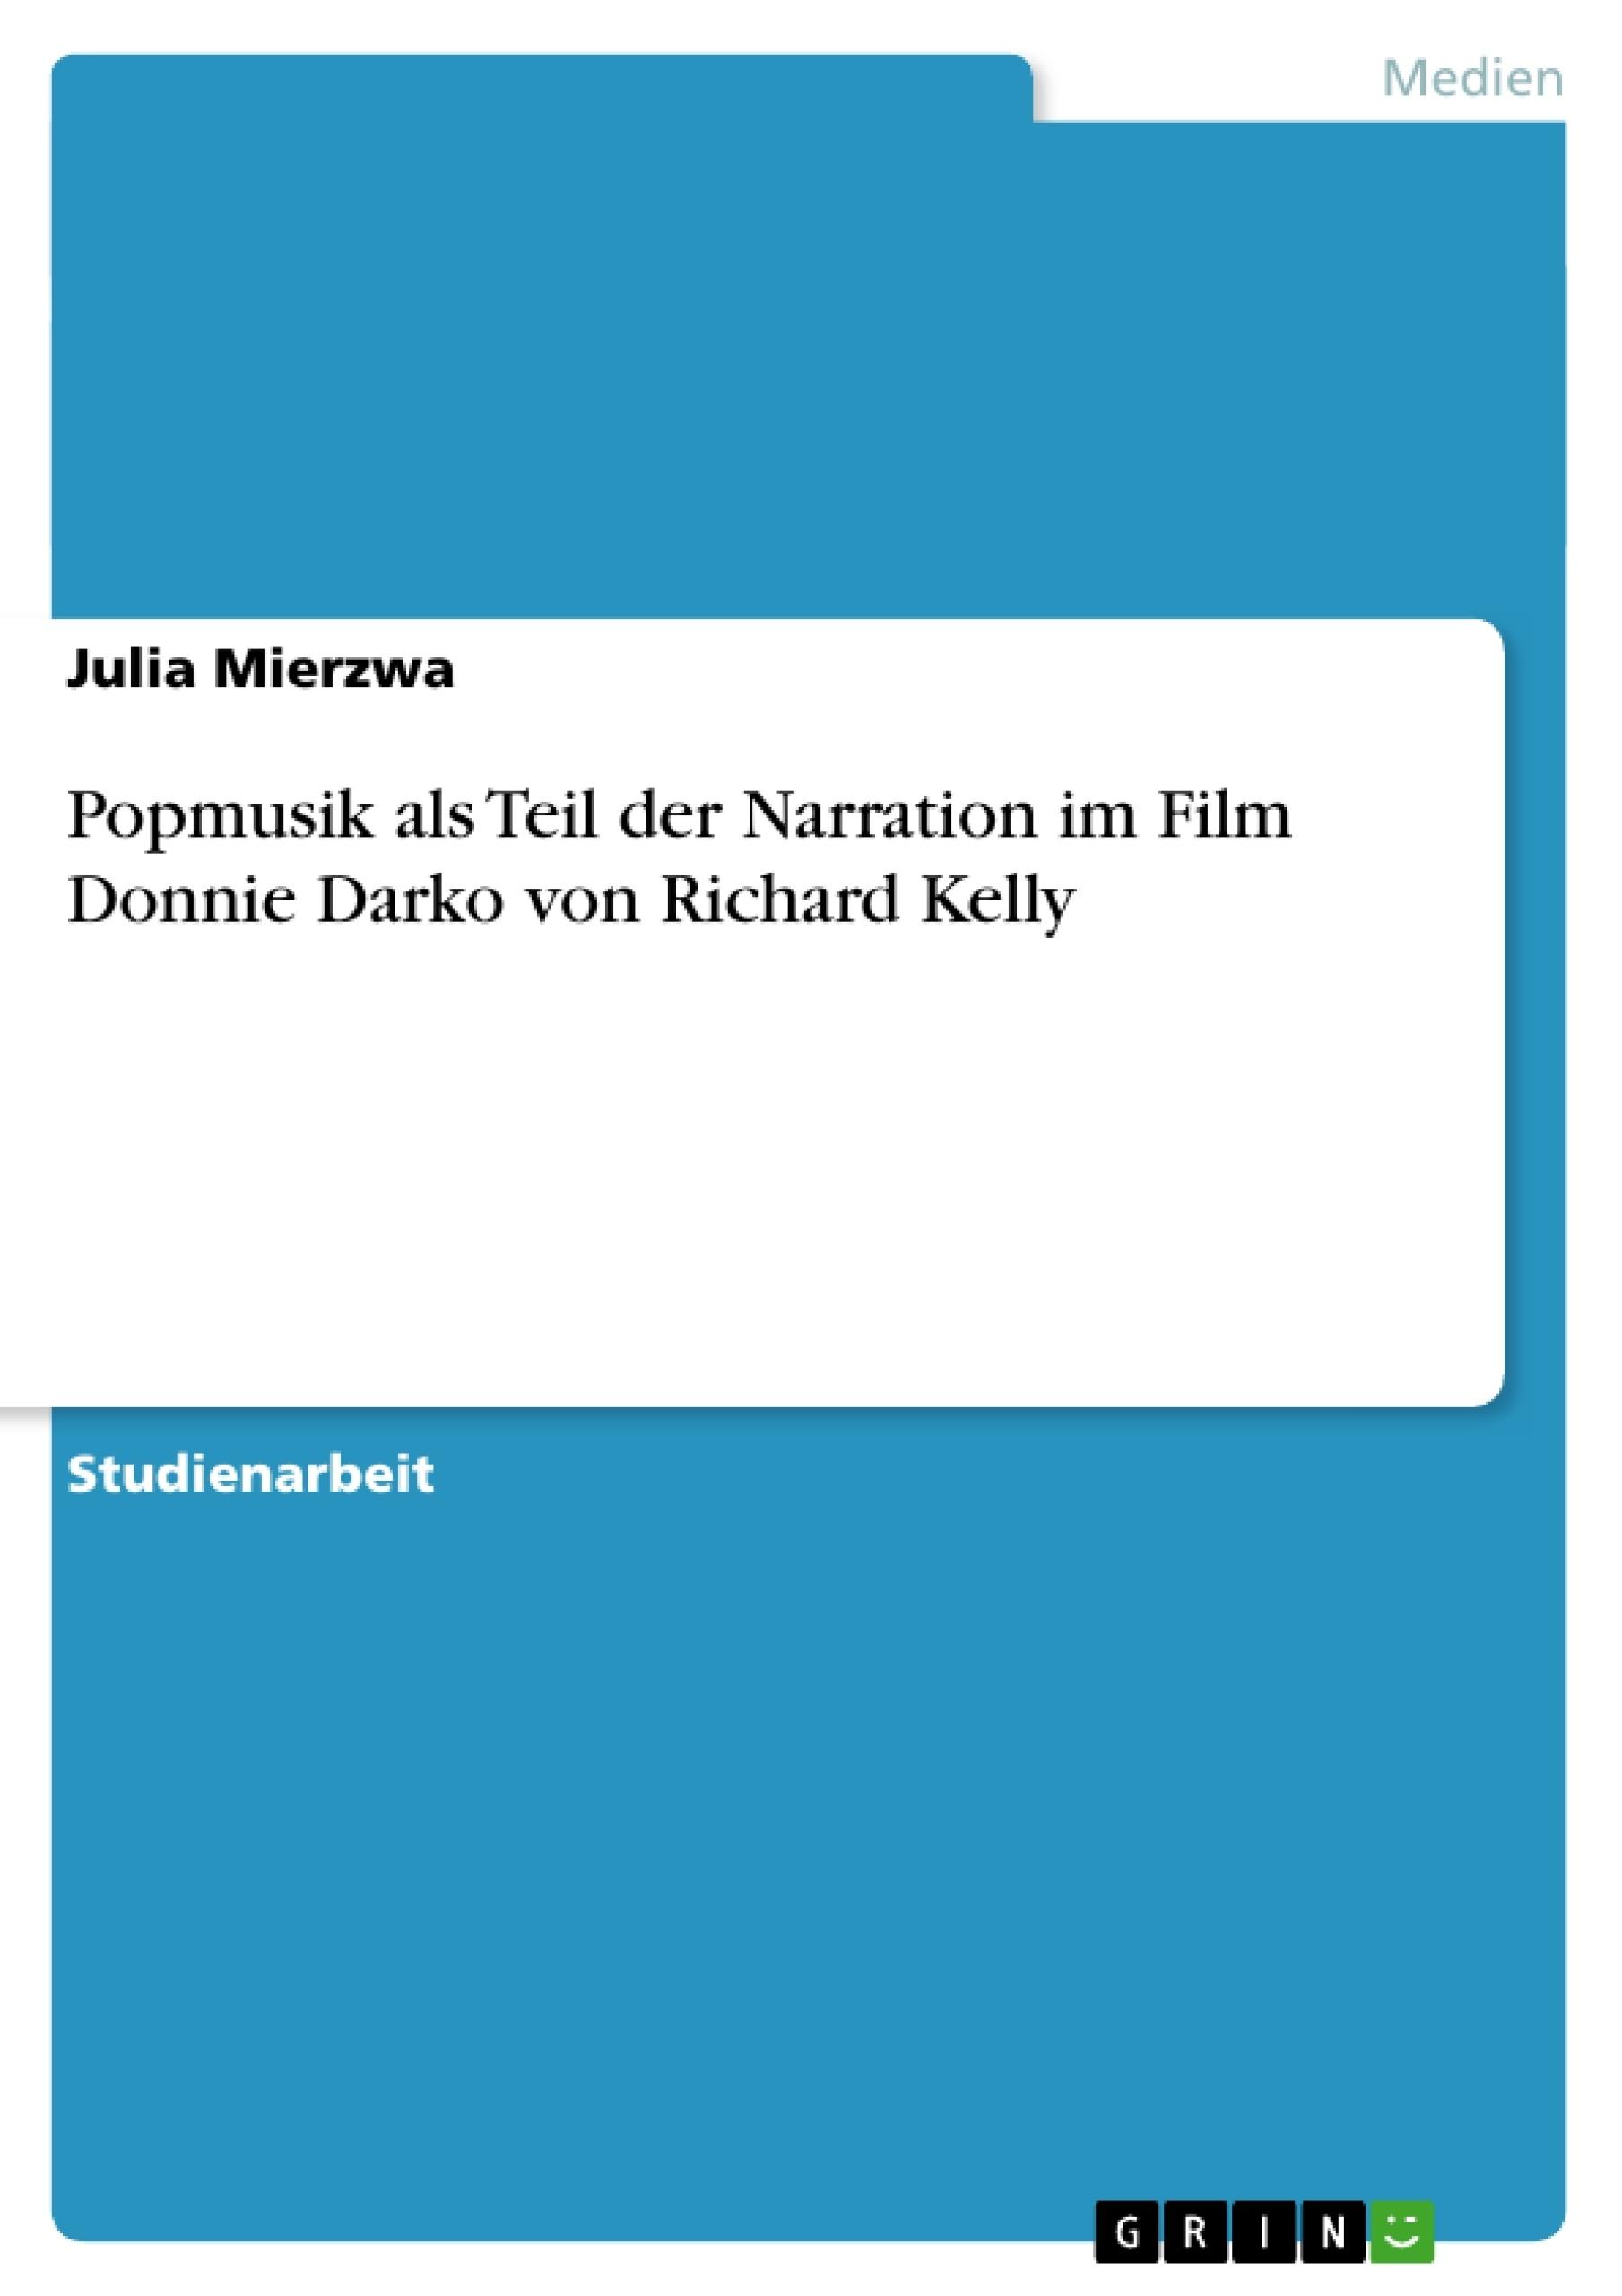 Titel: Popmusik als Teil der Narration im Film Donnie Darko von Richard Kelly